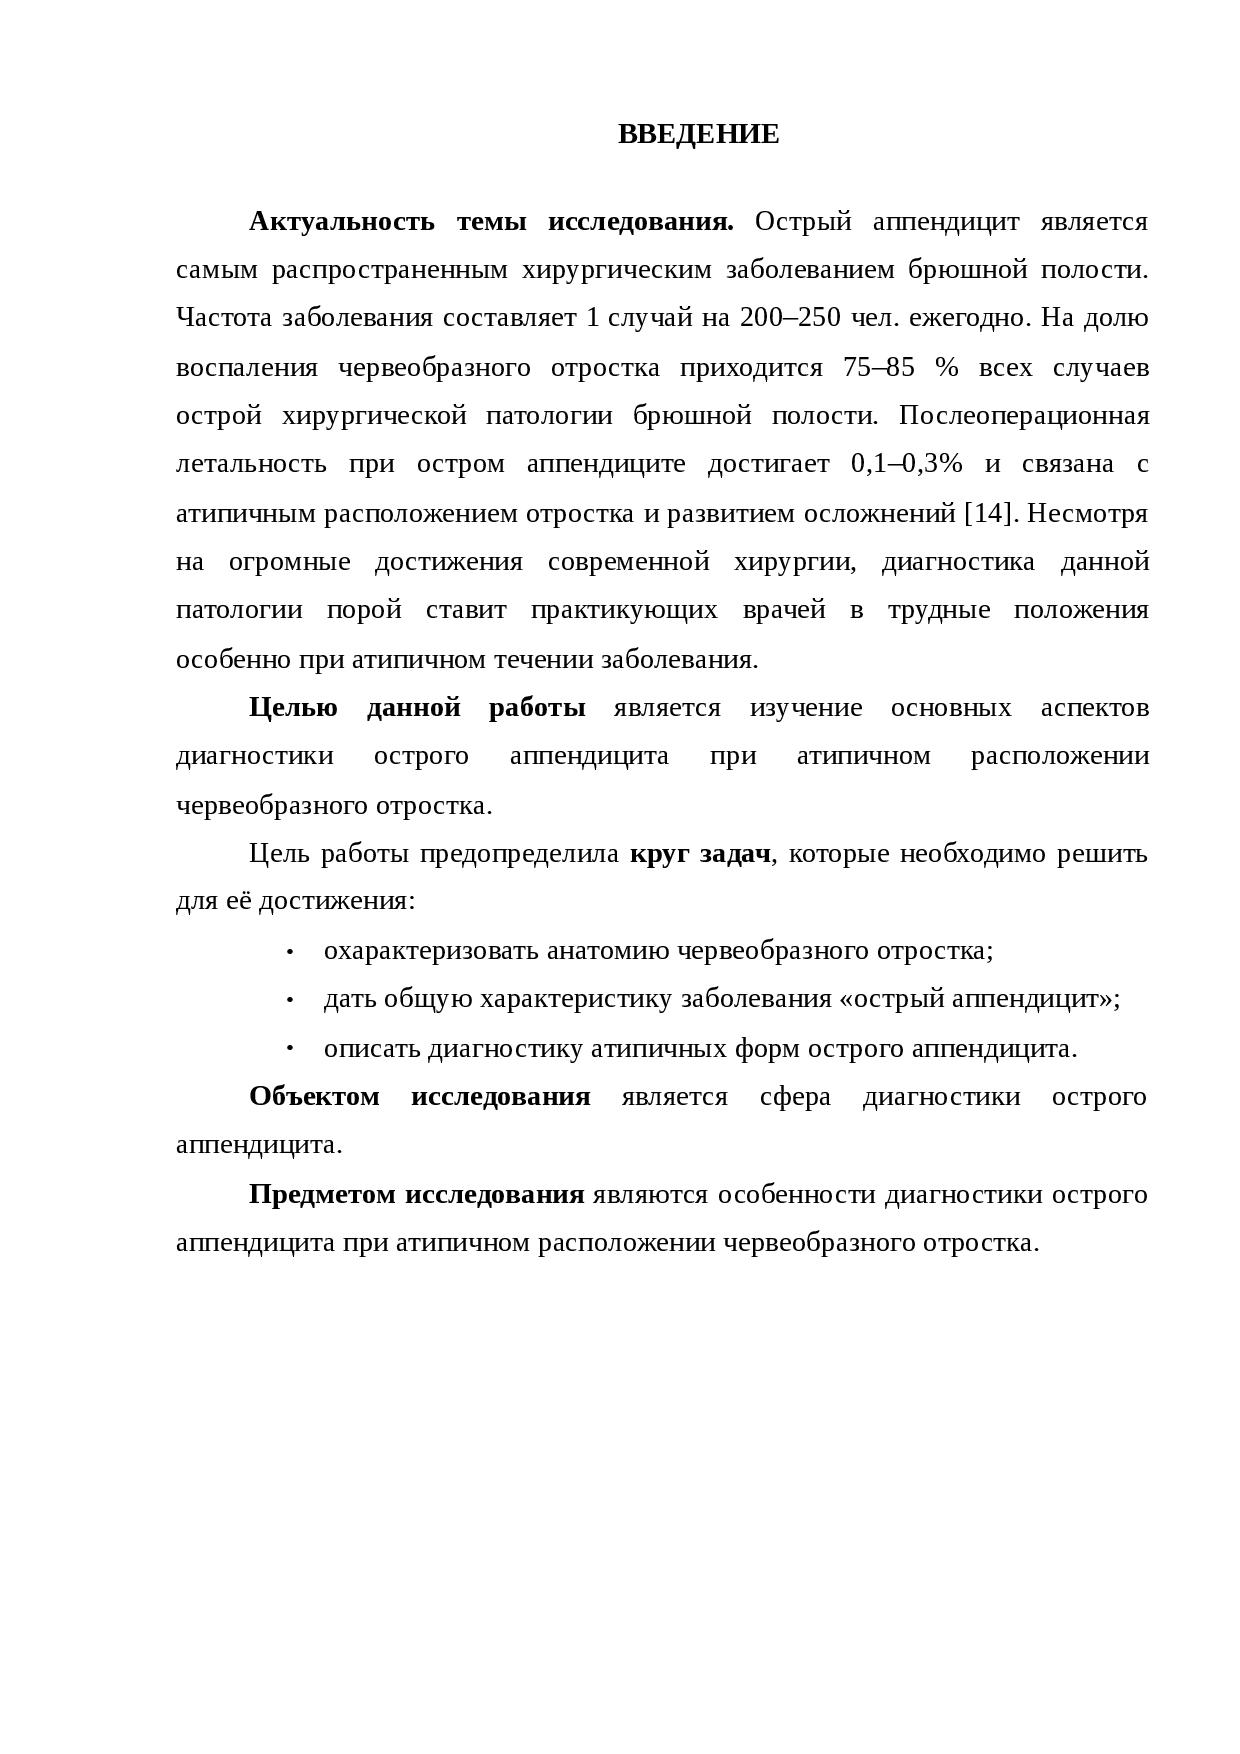 Аппендицит. причины, симптомы, диагностика и лечение. :: polismed.com